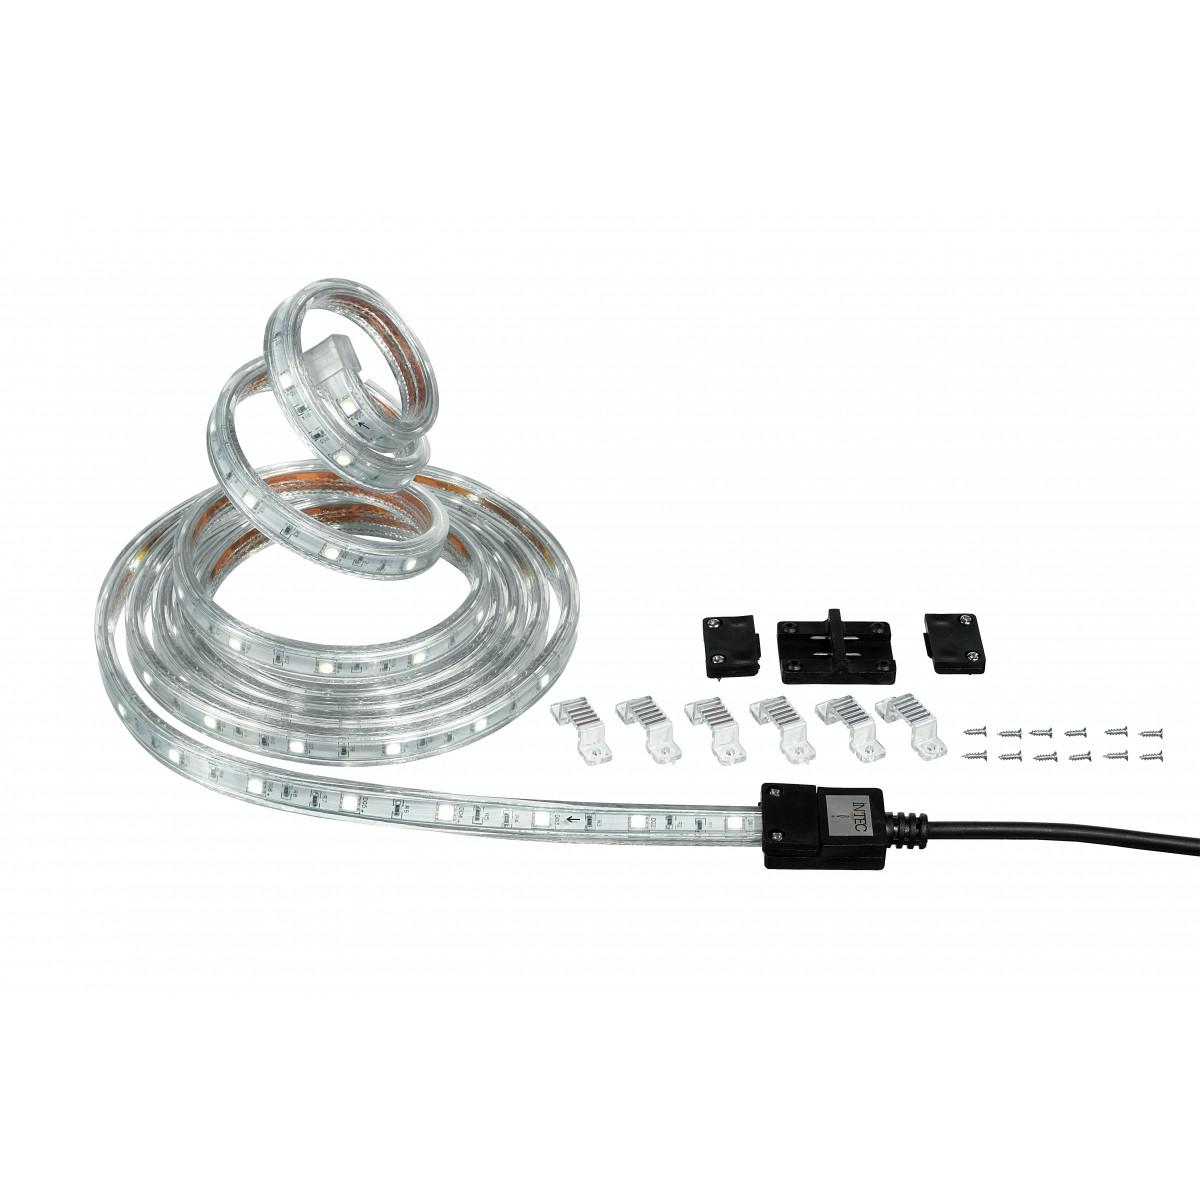 Bande LED de 300 cm avec six supports et